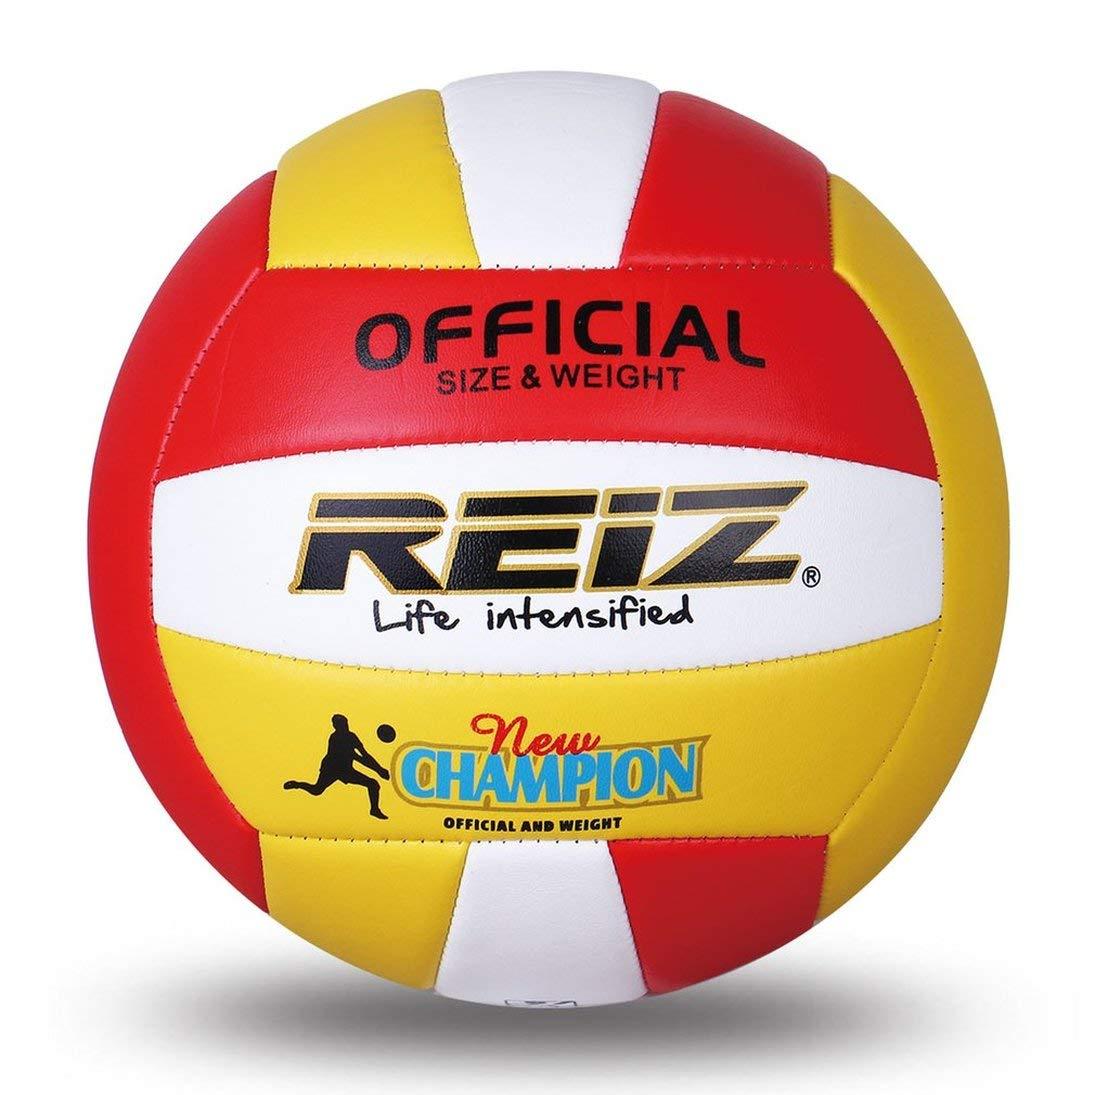 Togames-ES REIZ Suave Voleibol de PU Oficial Tamaño 5# Voleibol Bola de Entrenamiento Profesional para Interiores y Exteriores Aguja Neta